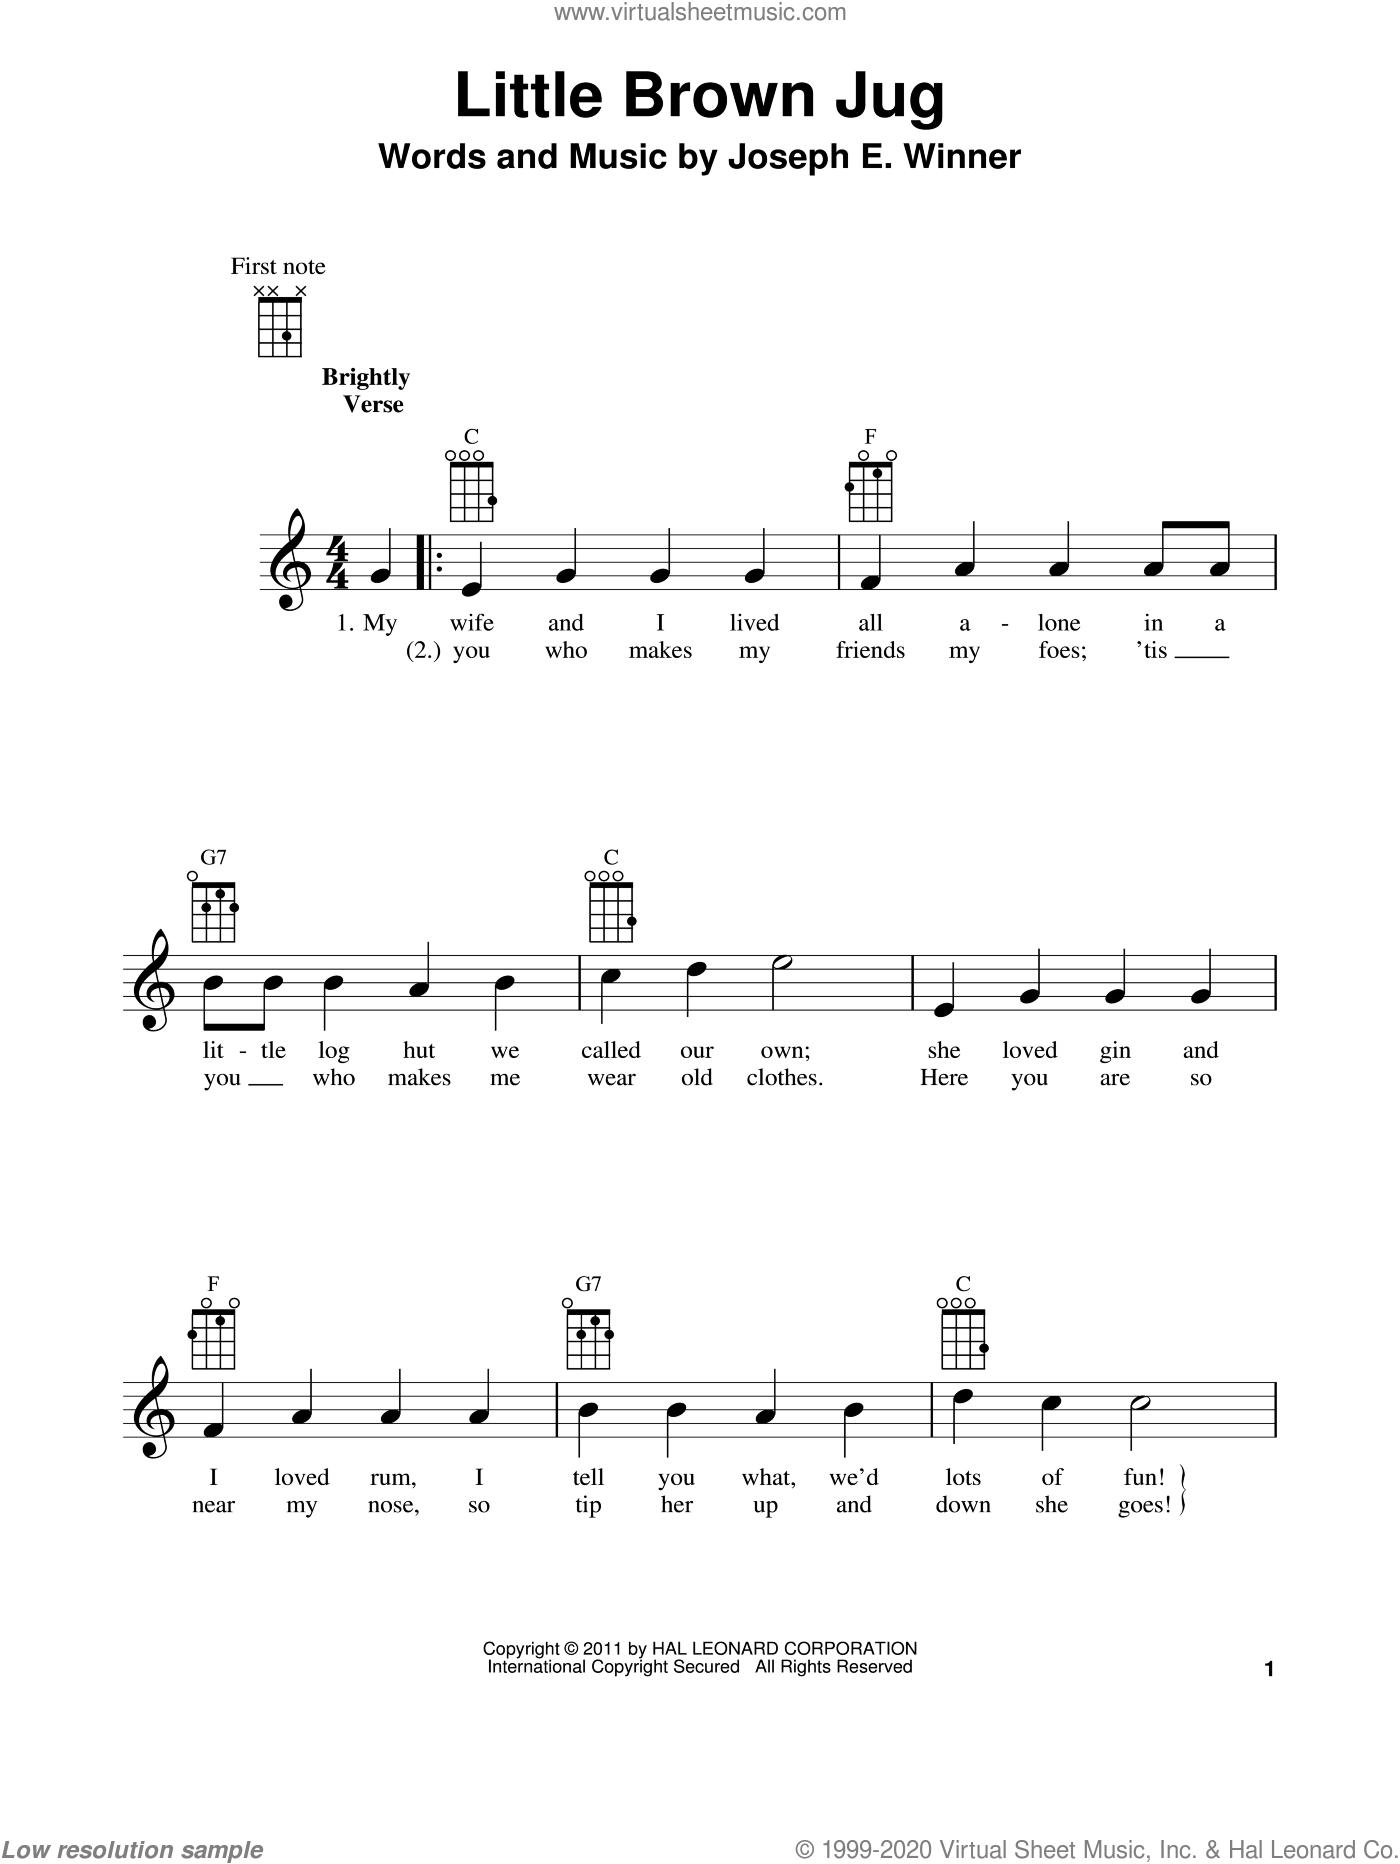 Little Brown Jug sheet music for ukulele by Joseph E. Winner, intermediate skill level